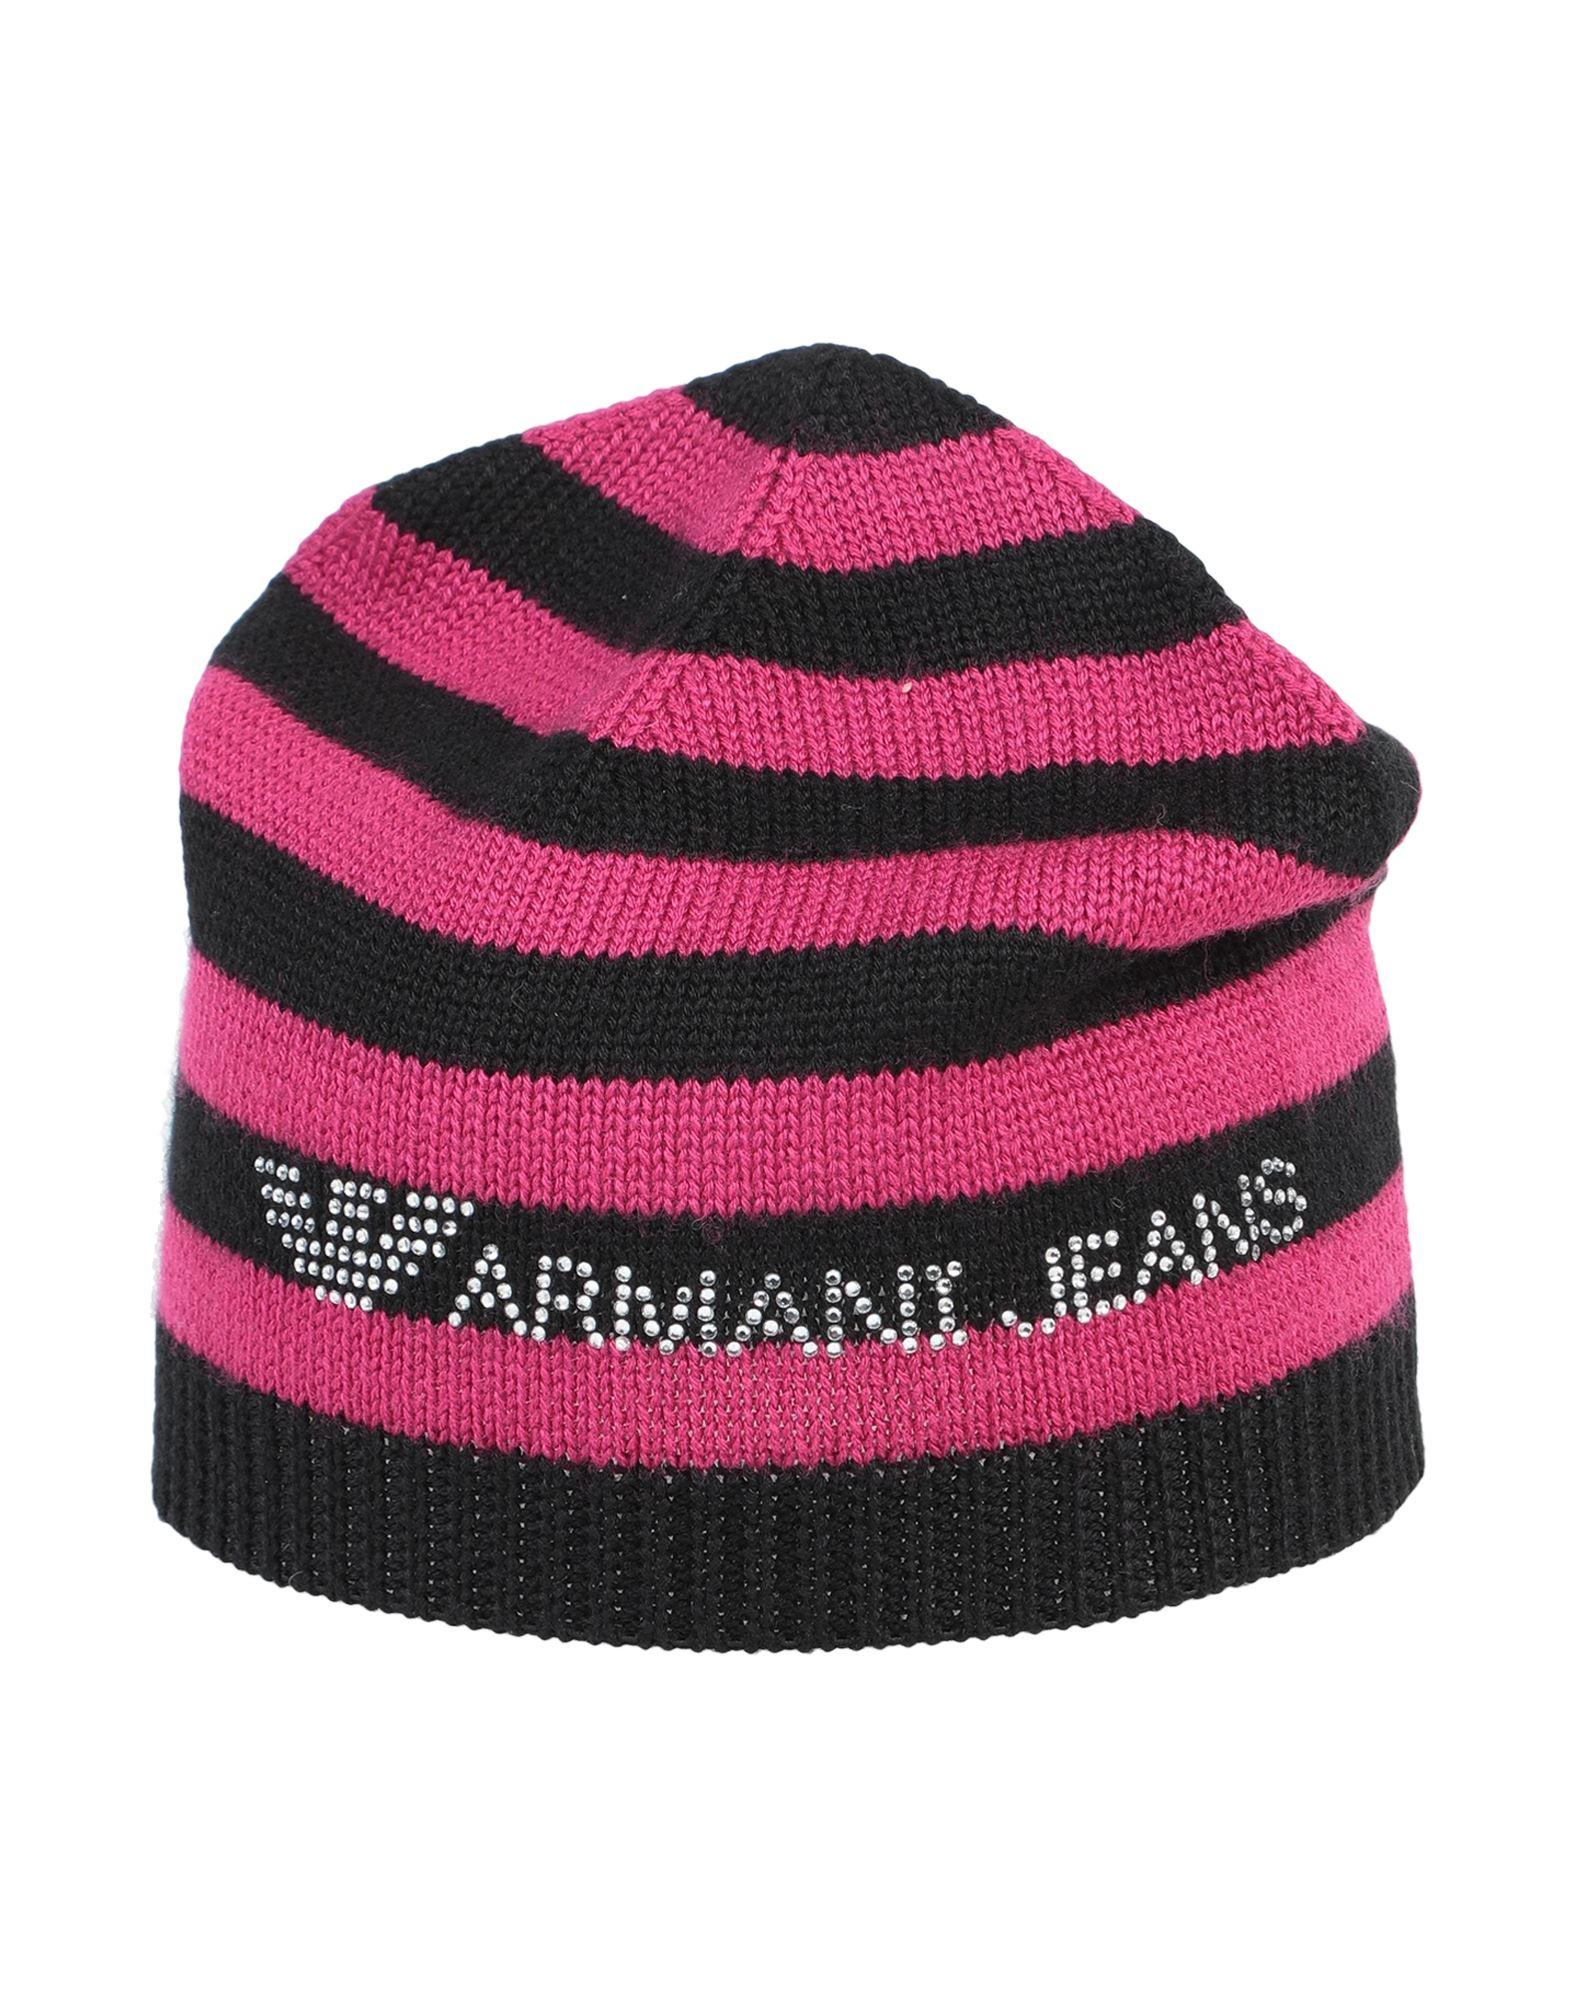 Фото - ARMANI JEANS Головной убор armani jeans платье armani jeans c5a28